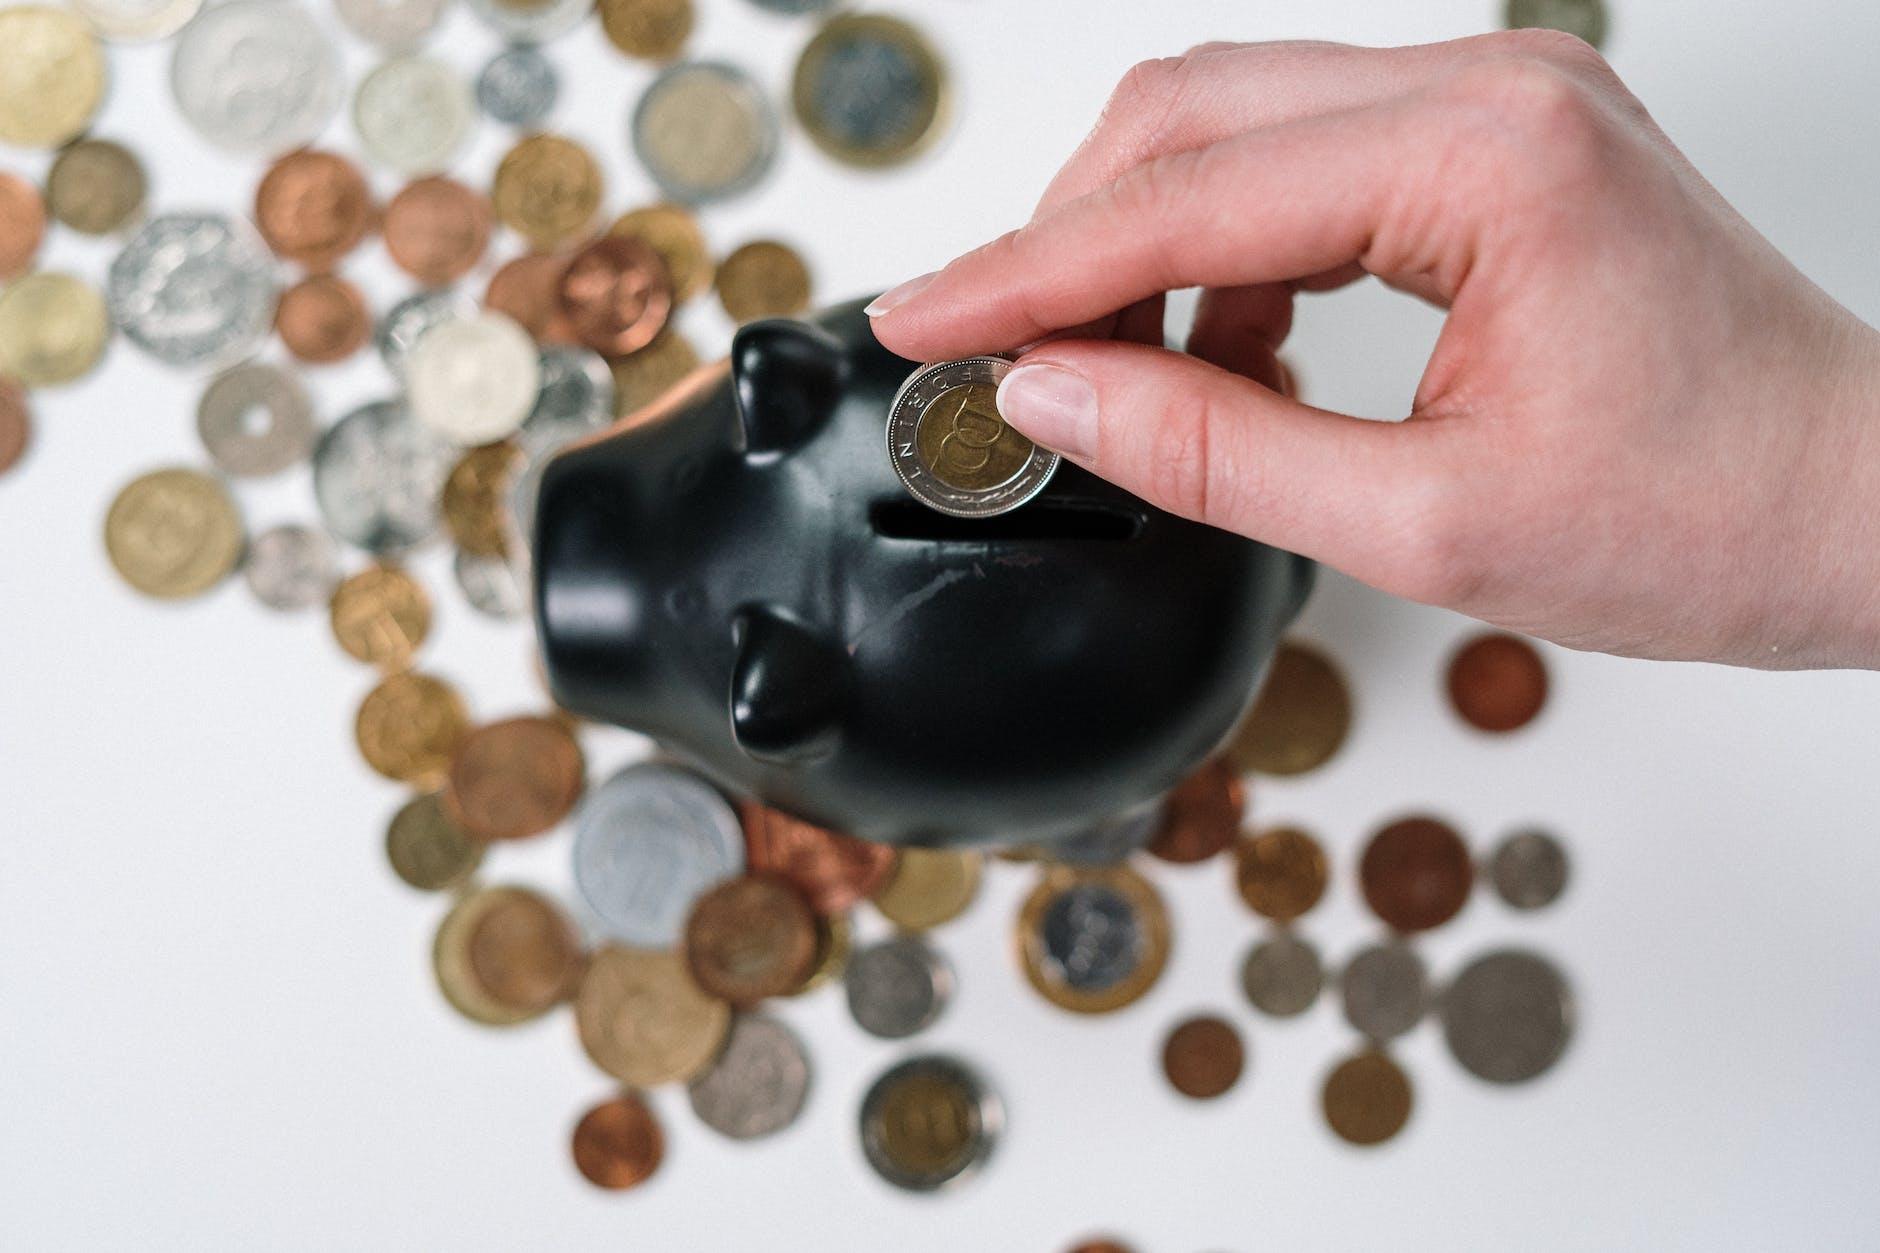 Premi bulanan yang telah dibayar tidak akan hangus di masa akhir kontrak